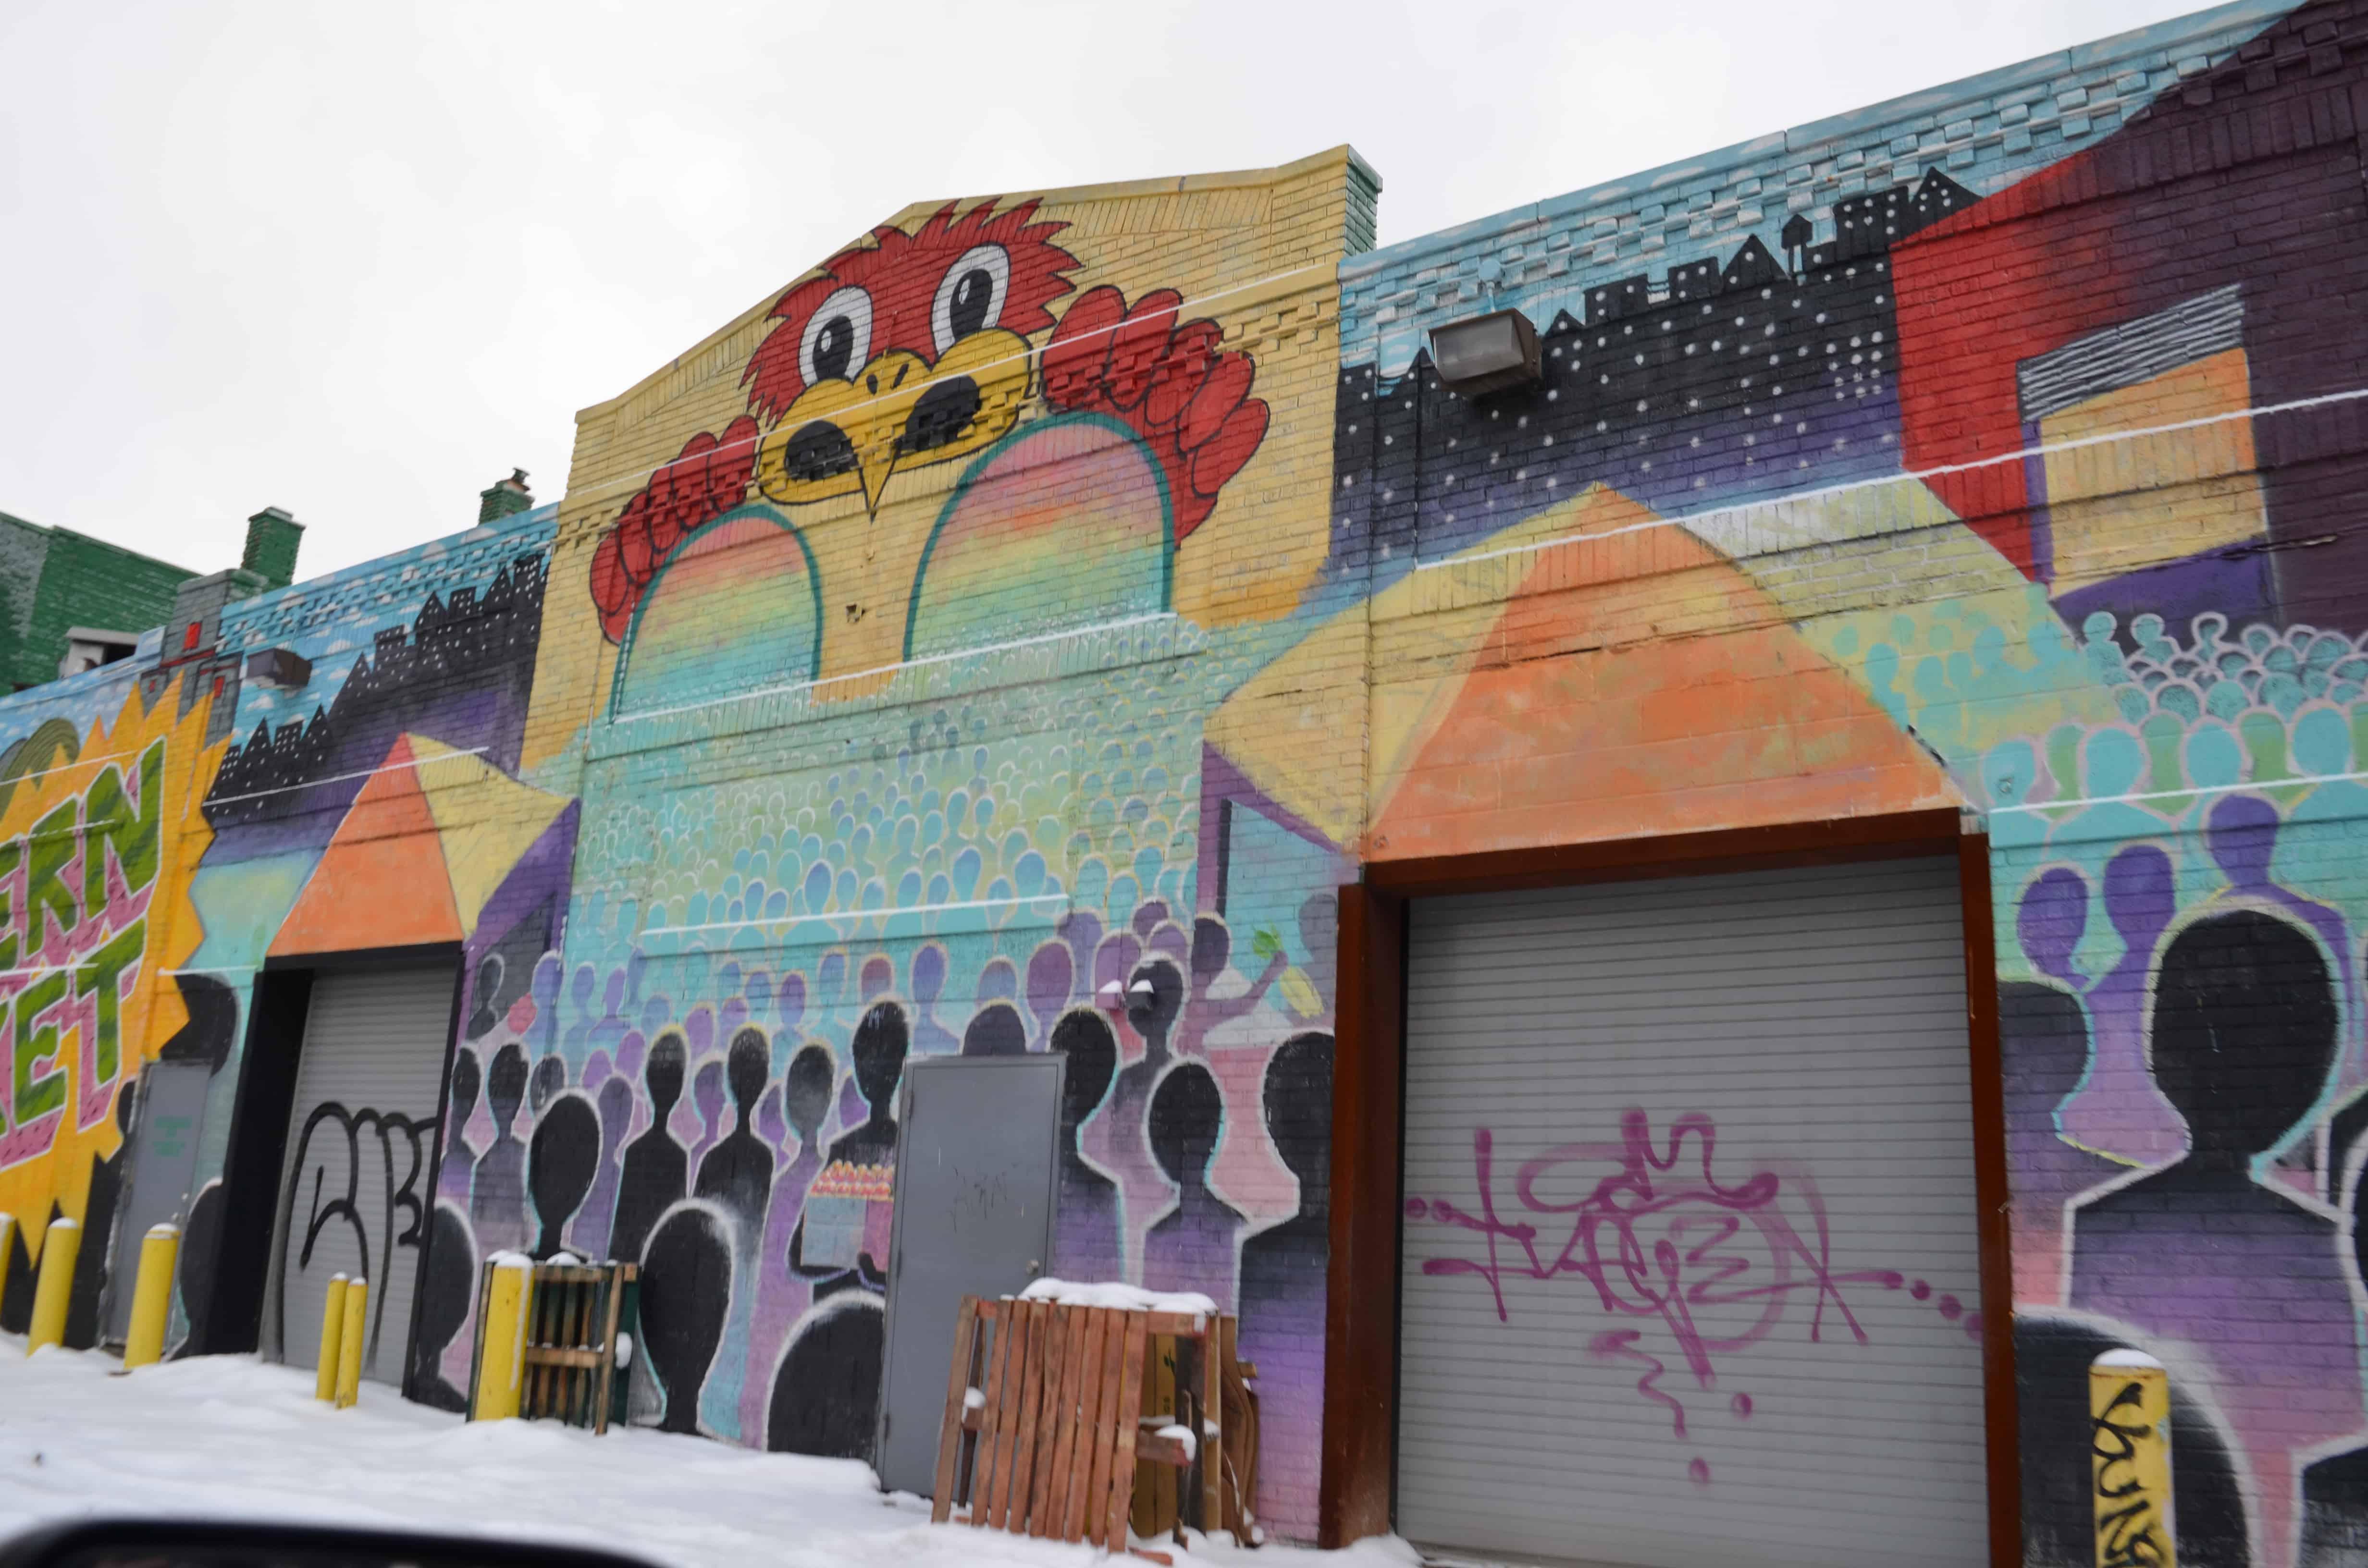 street art mural red bird Detroit